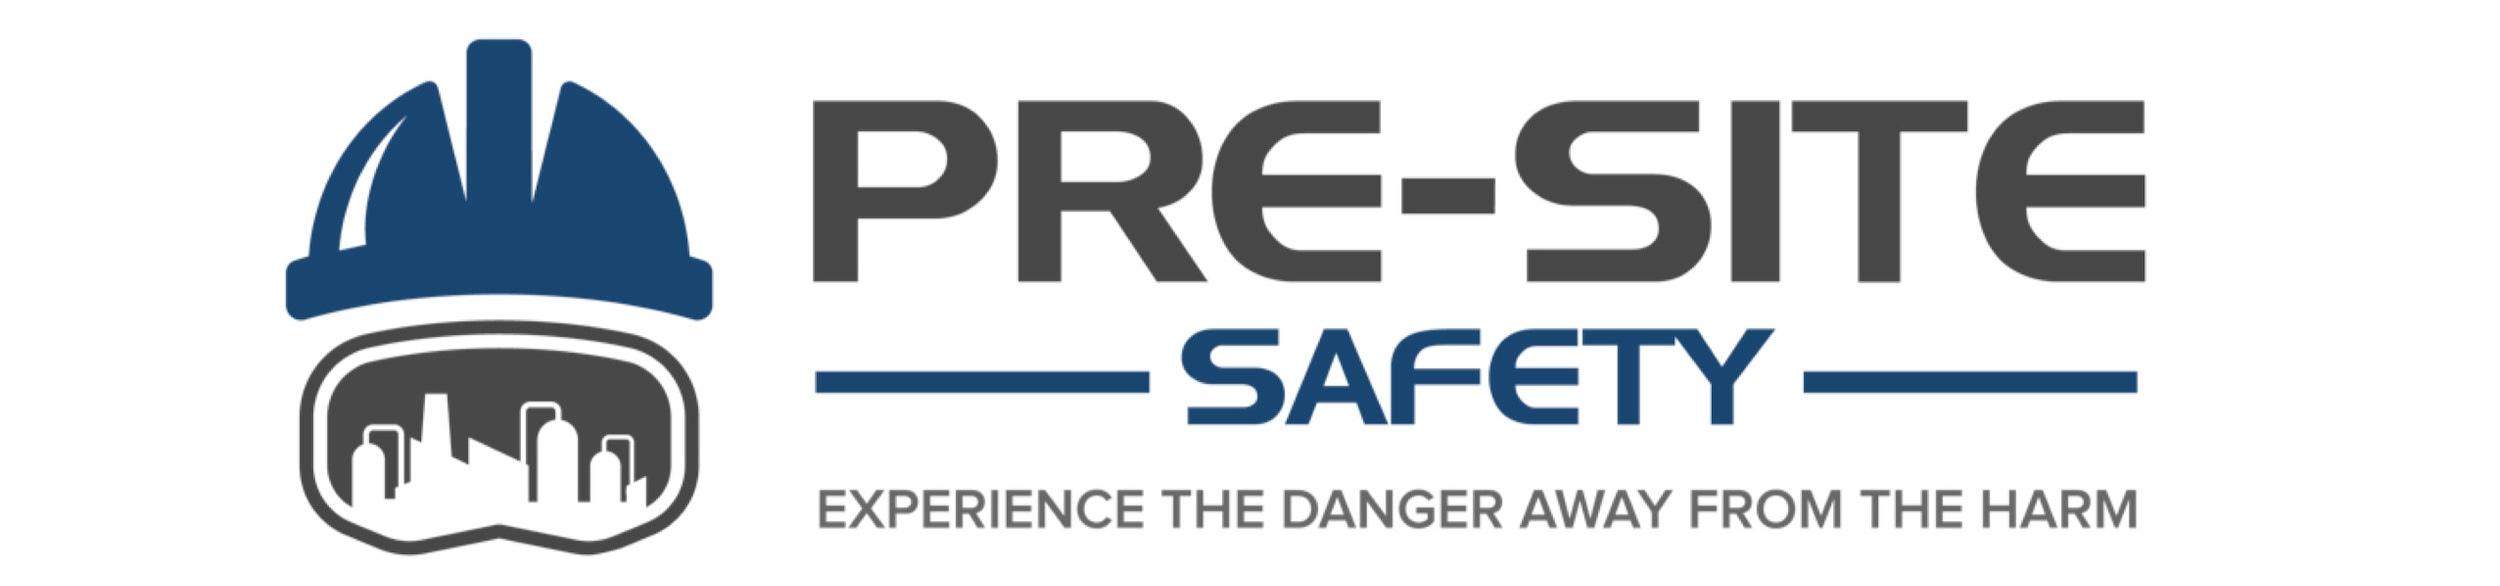 Main+Pre-Site+Safety+logo+tagline+dark+grey+white+BG-01.jpg